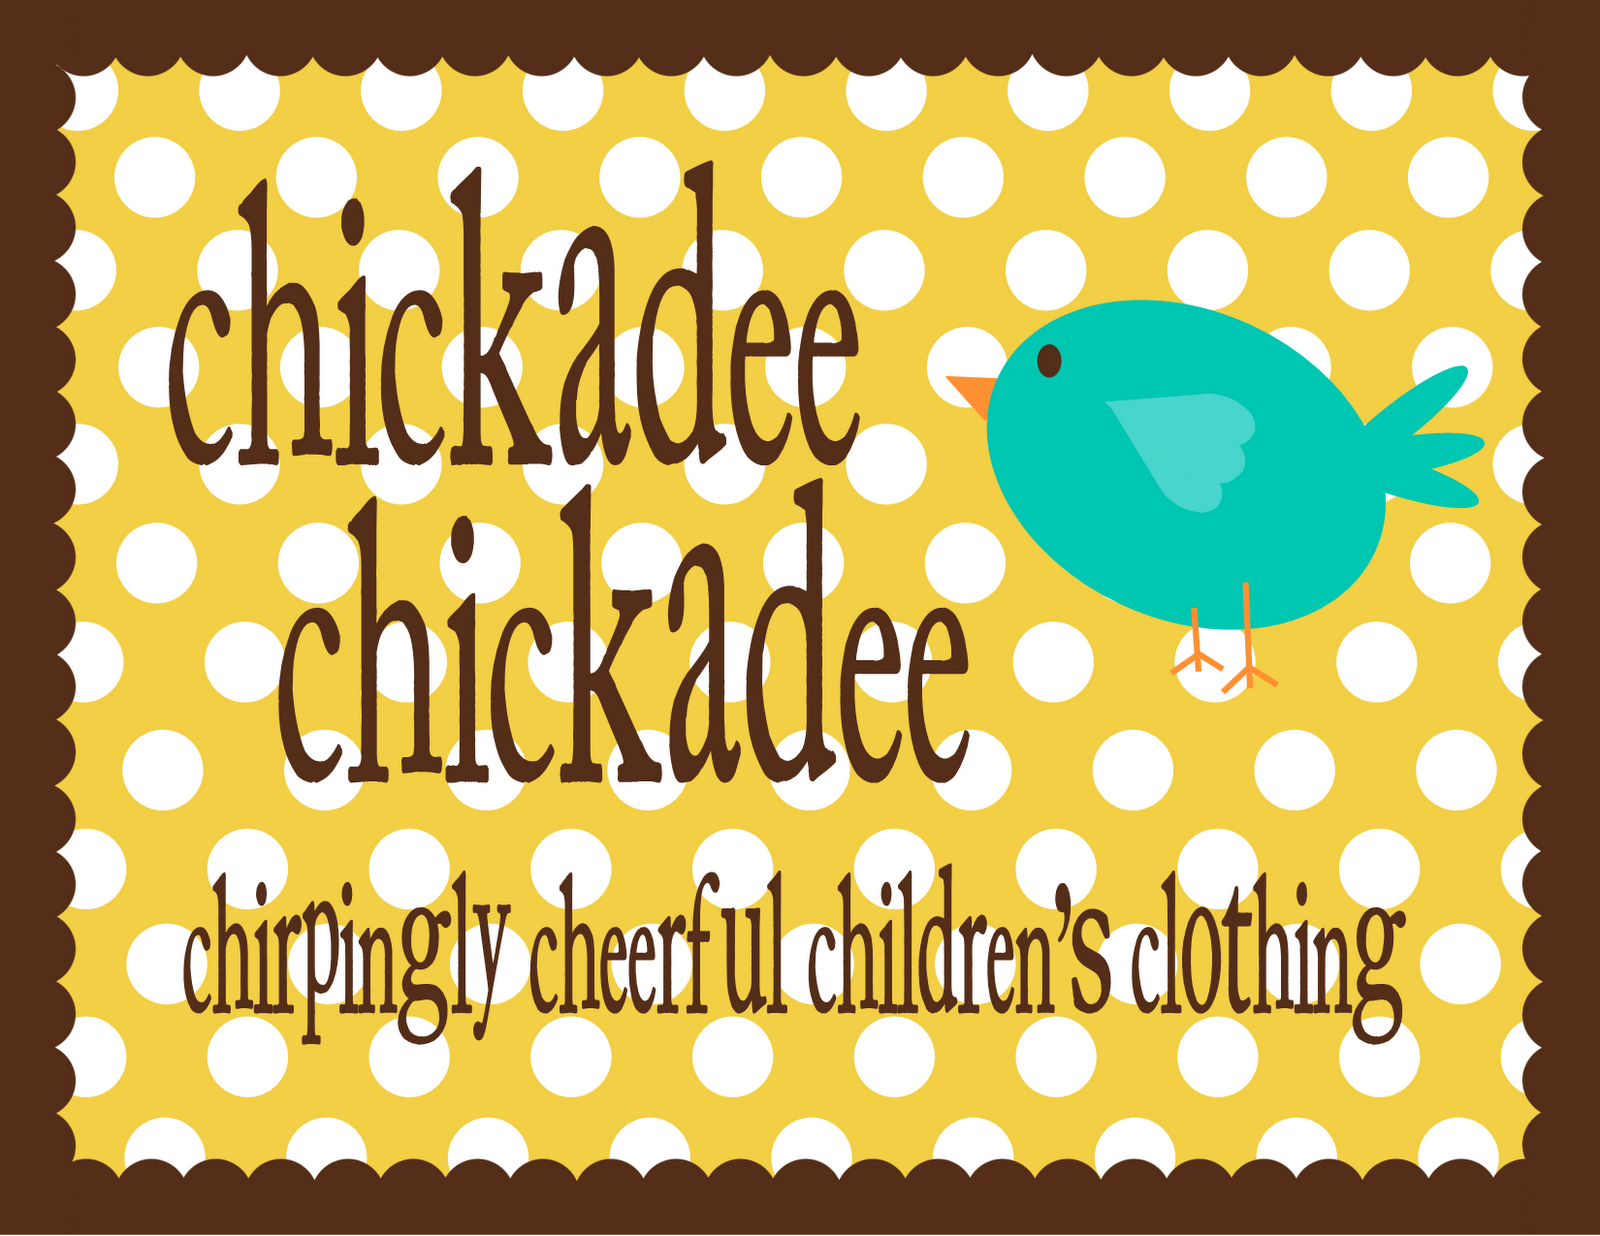 chickadee chickadee